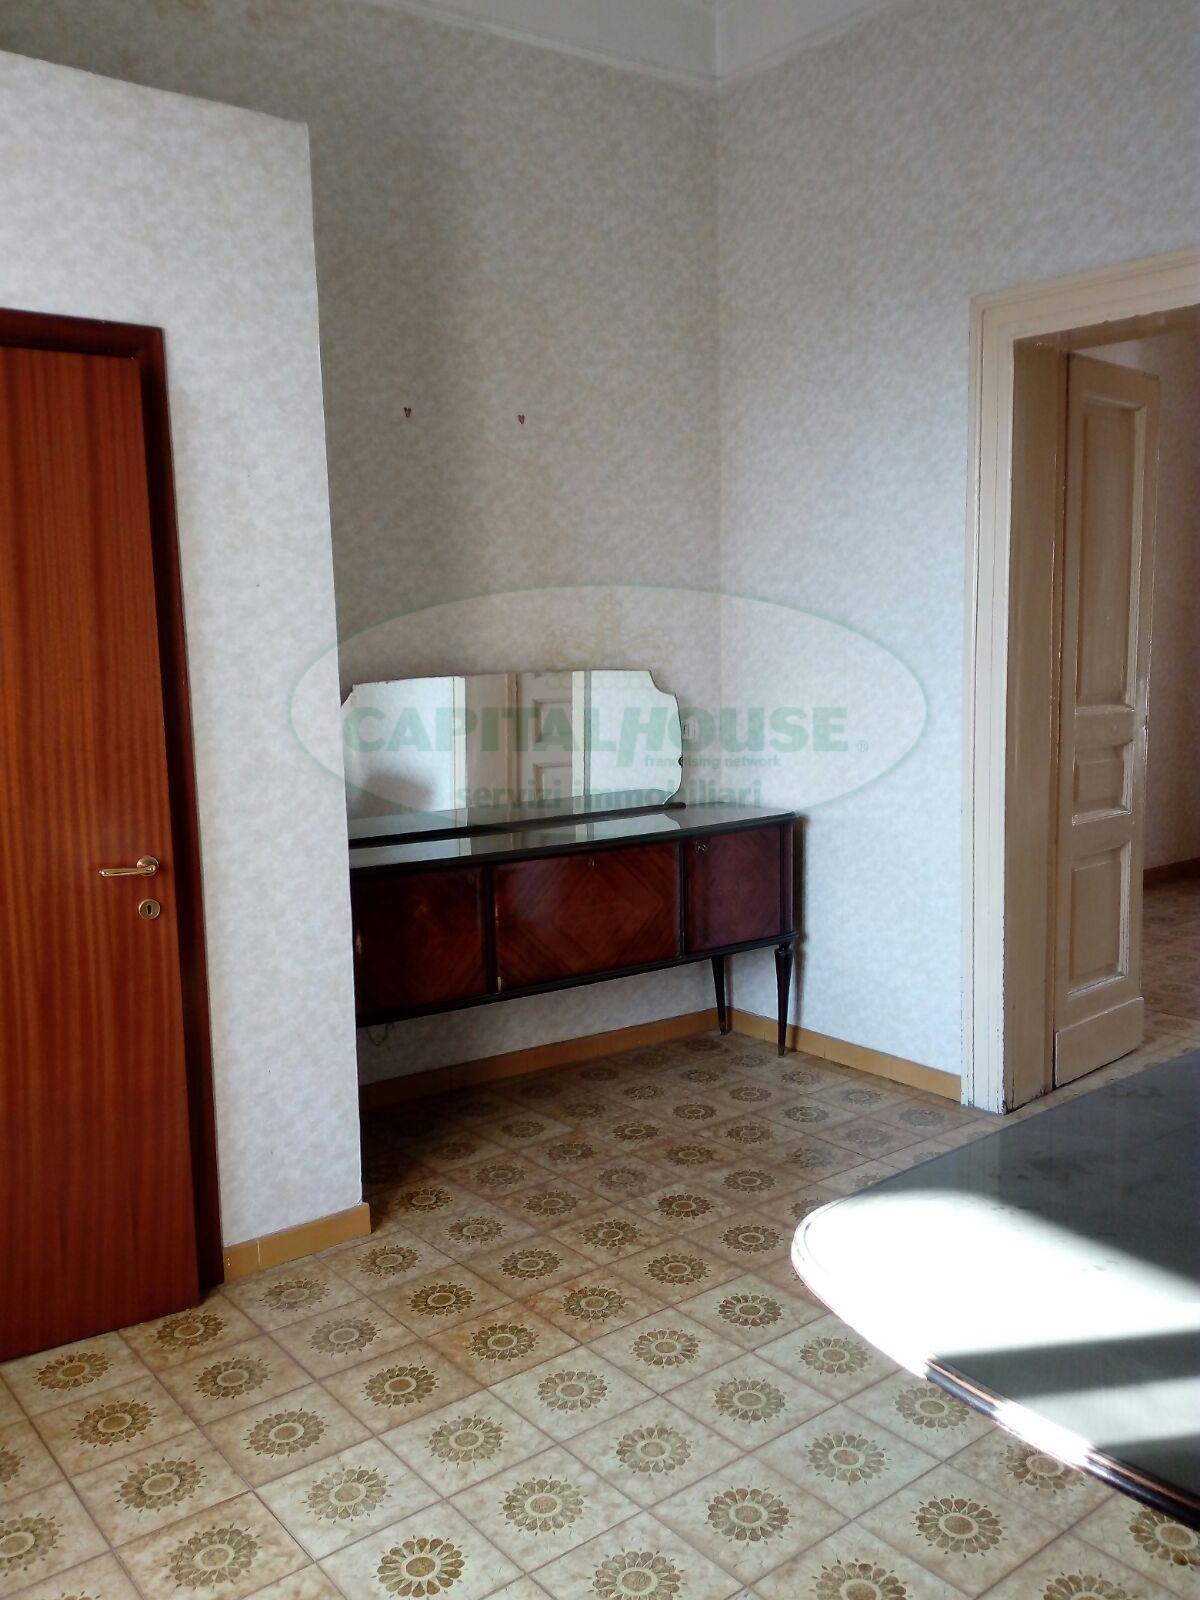 Appartamento in vendita a San Tammaro, 2 locali, prezzo € 36.000   CambioCasa.it